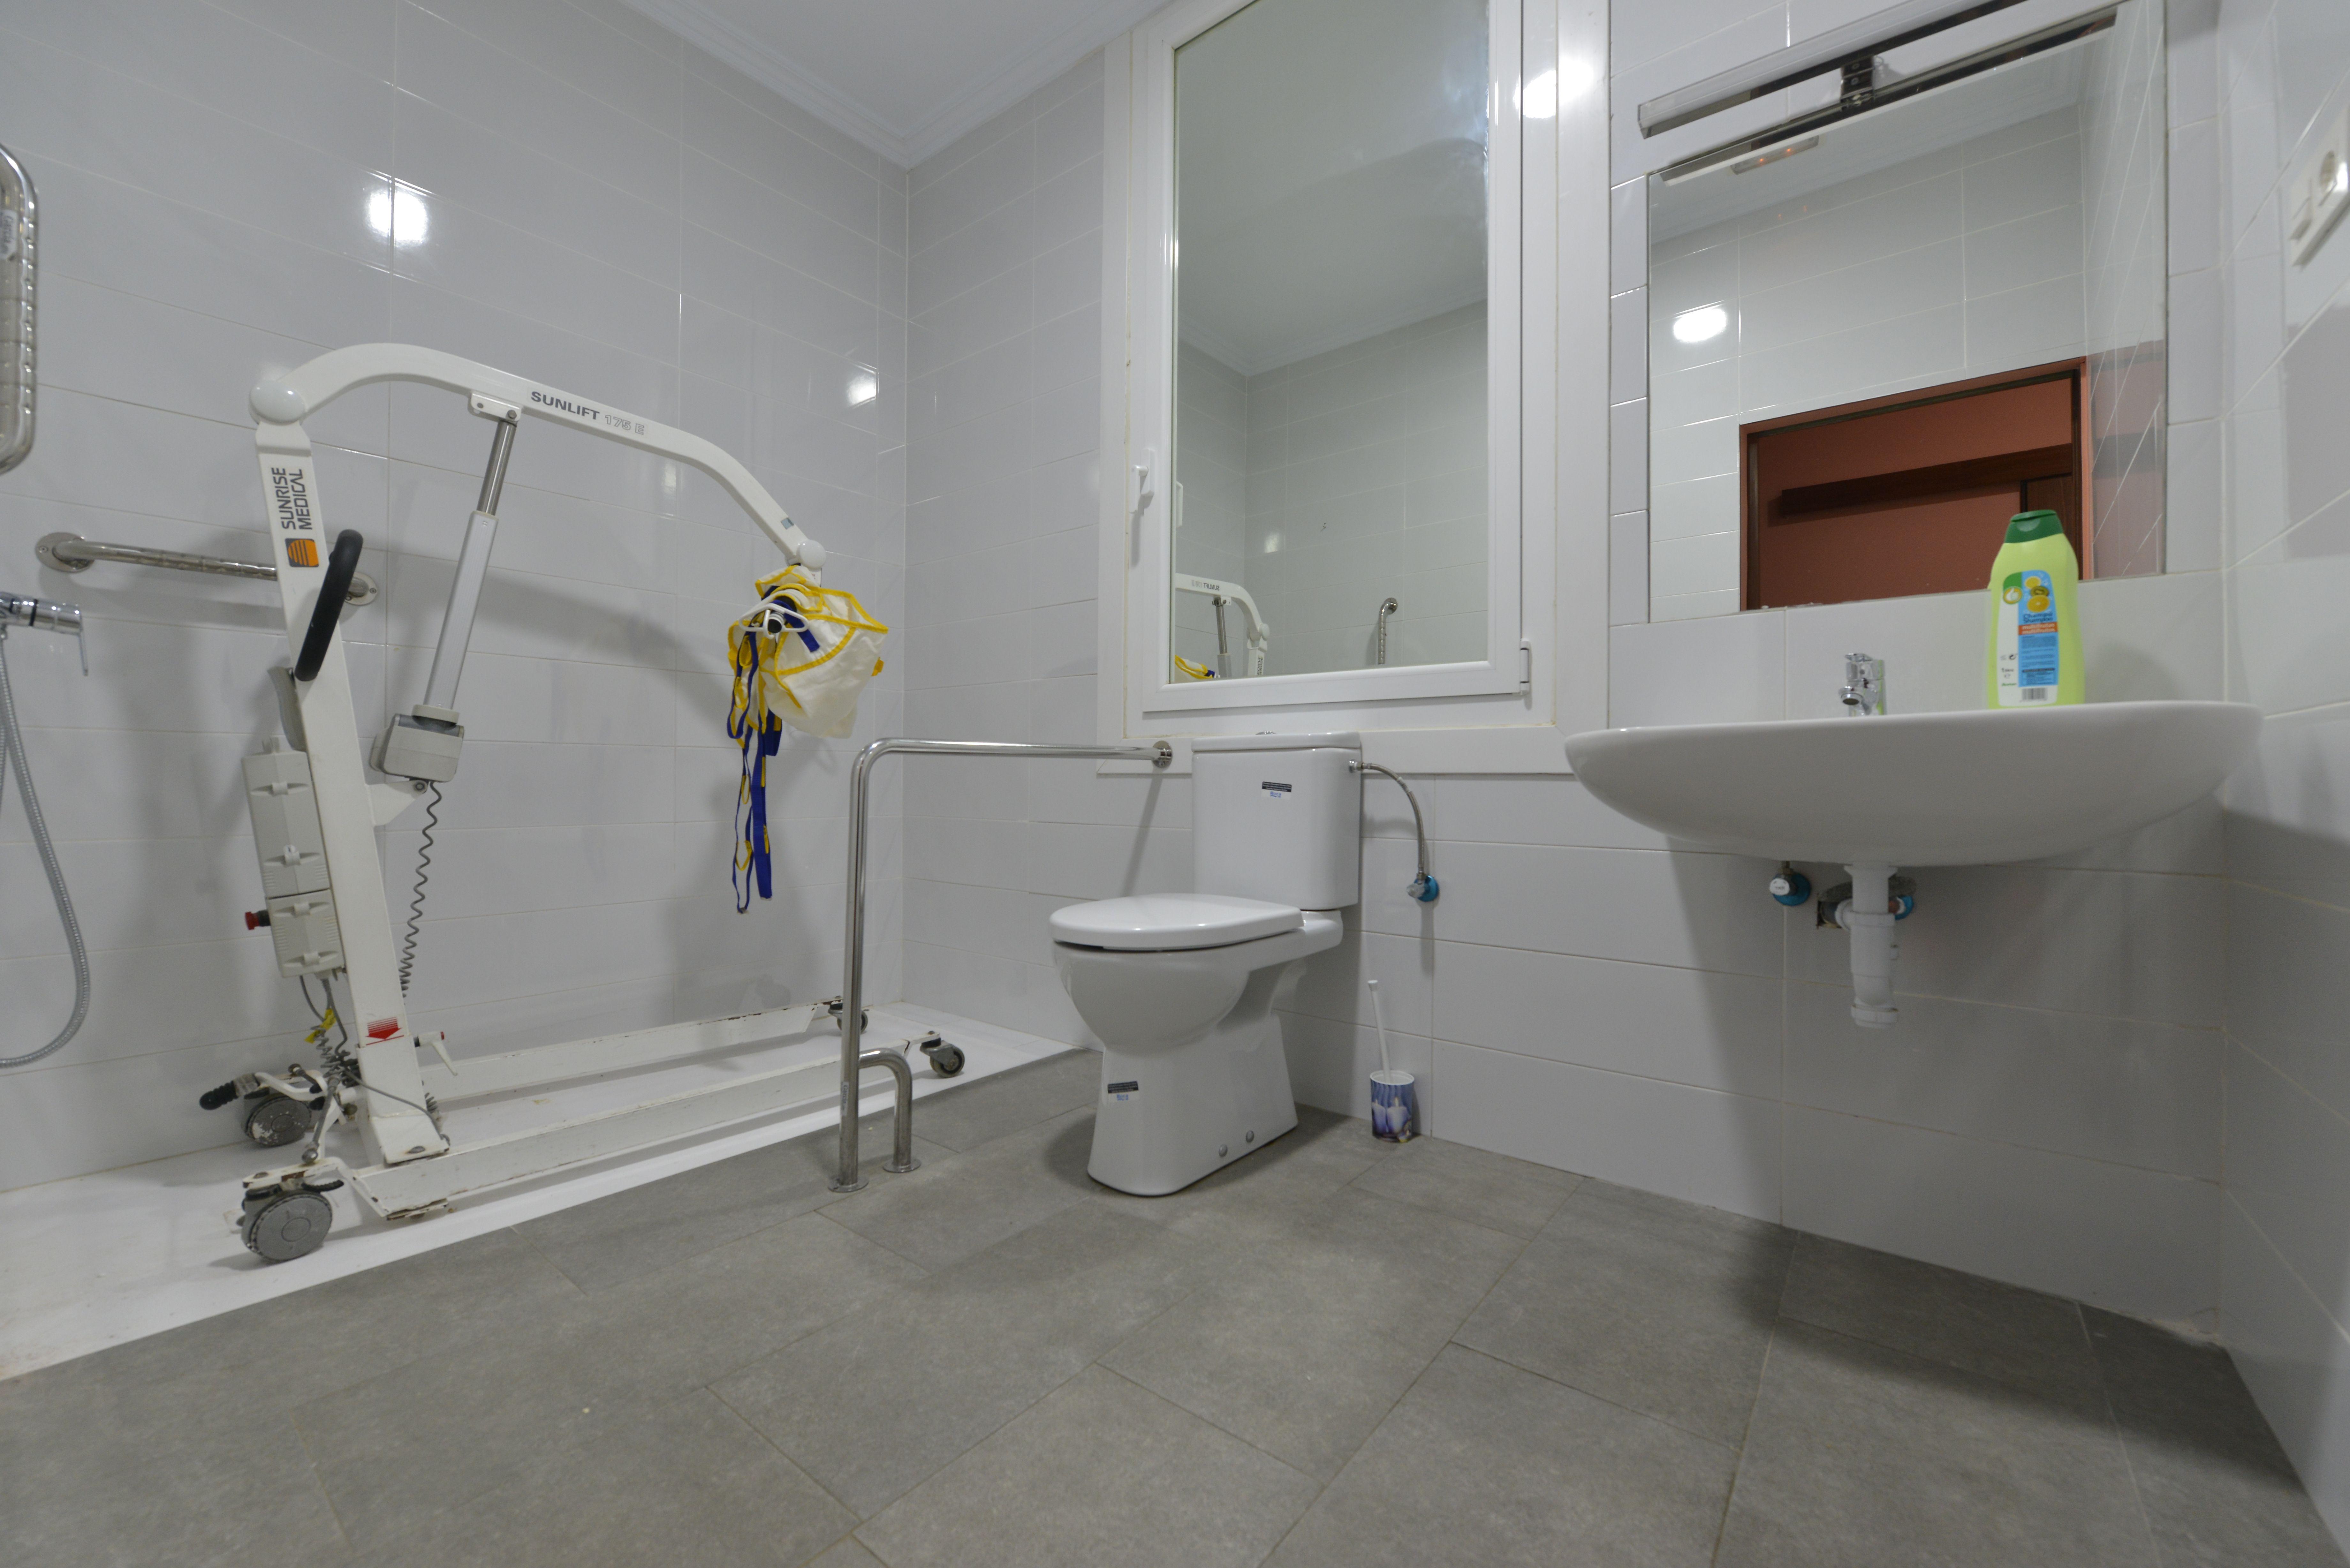 Baños adaptados a las necesidades de los mayores